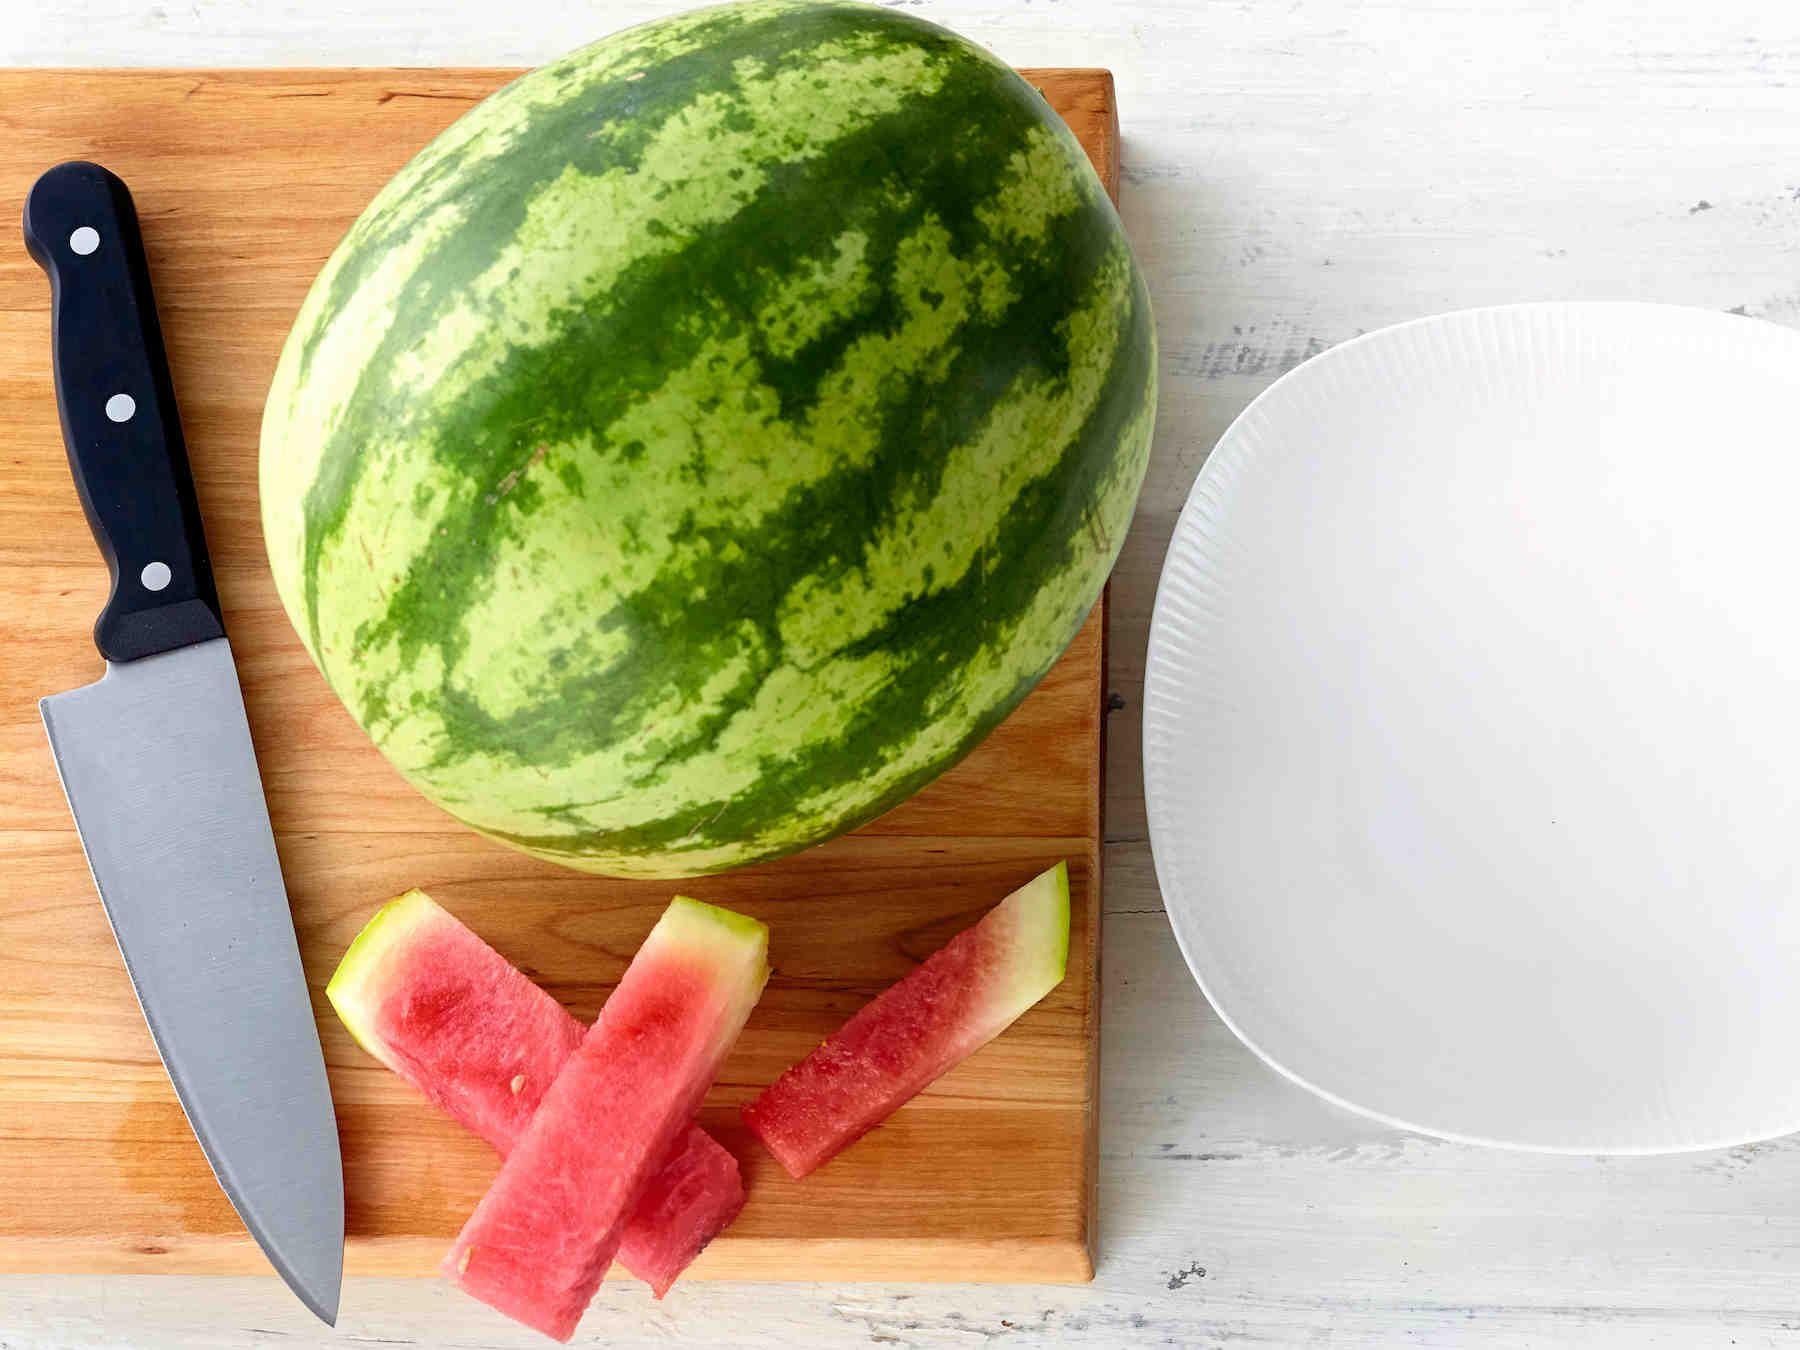 Näin pilkot helposti vesimelonin syötäviksi paloiksi. Jätä kuori paikoilleen, siitä on hyvä pitää kiinni syödessä. Voit myös pakastaa palat, jolloin saat...